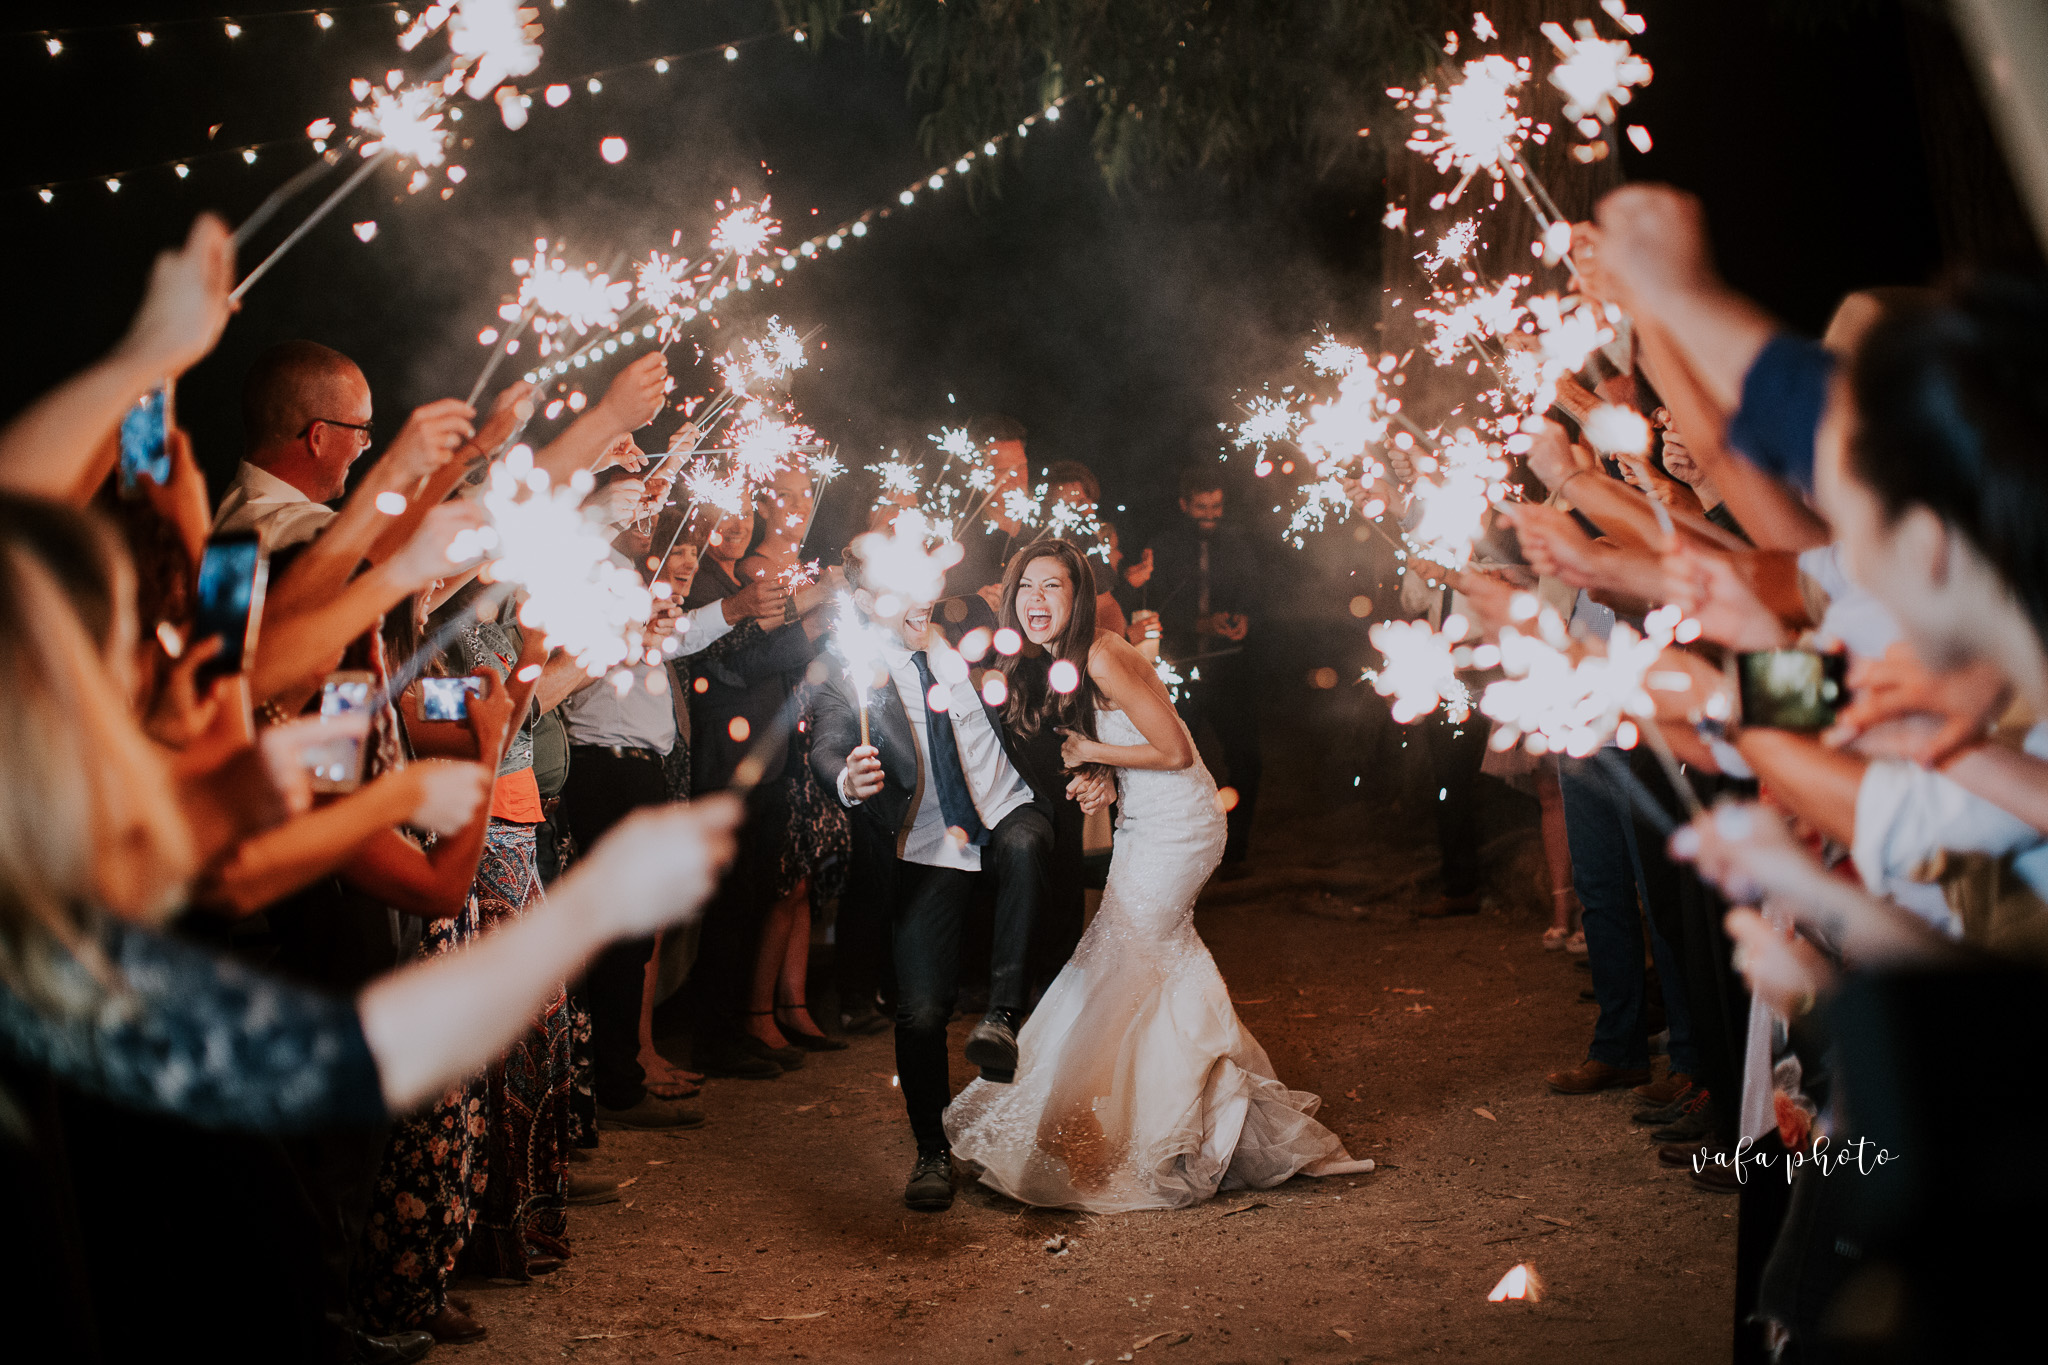 Southern-California-Wedding-Britt-Nilsson-Jeremy-Byrne-Vafa-Photo-1127.jpg